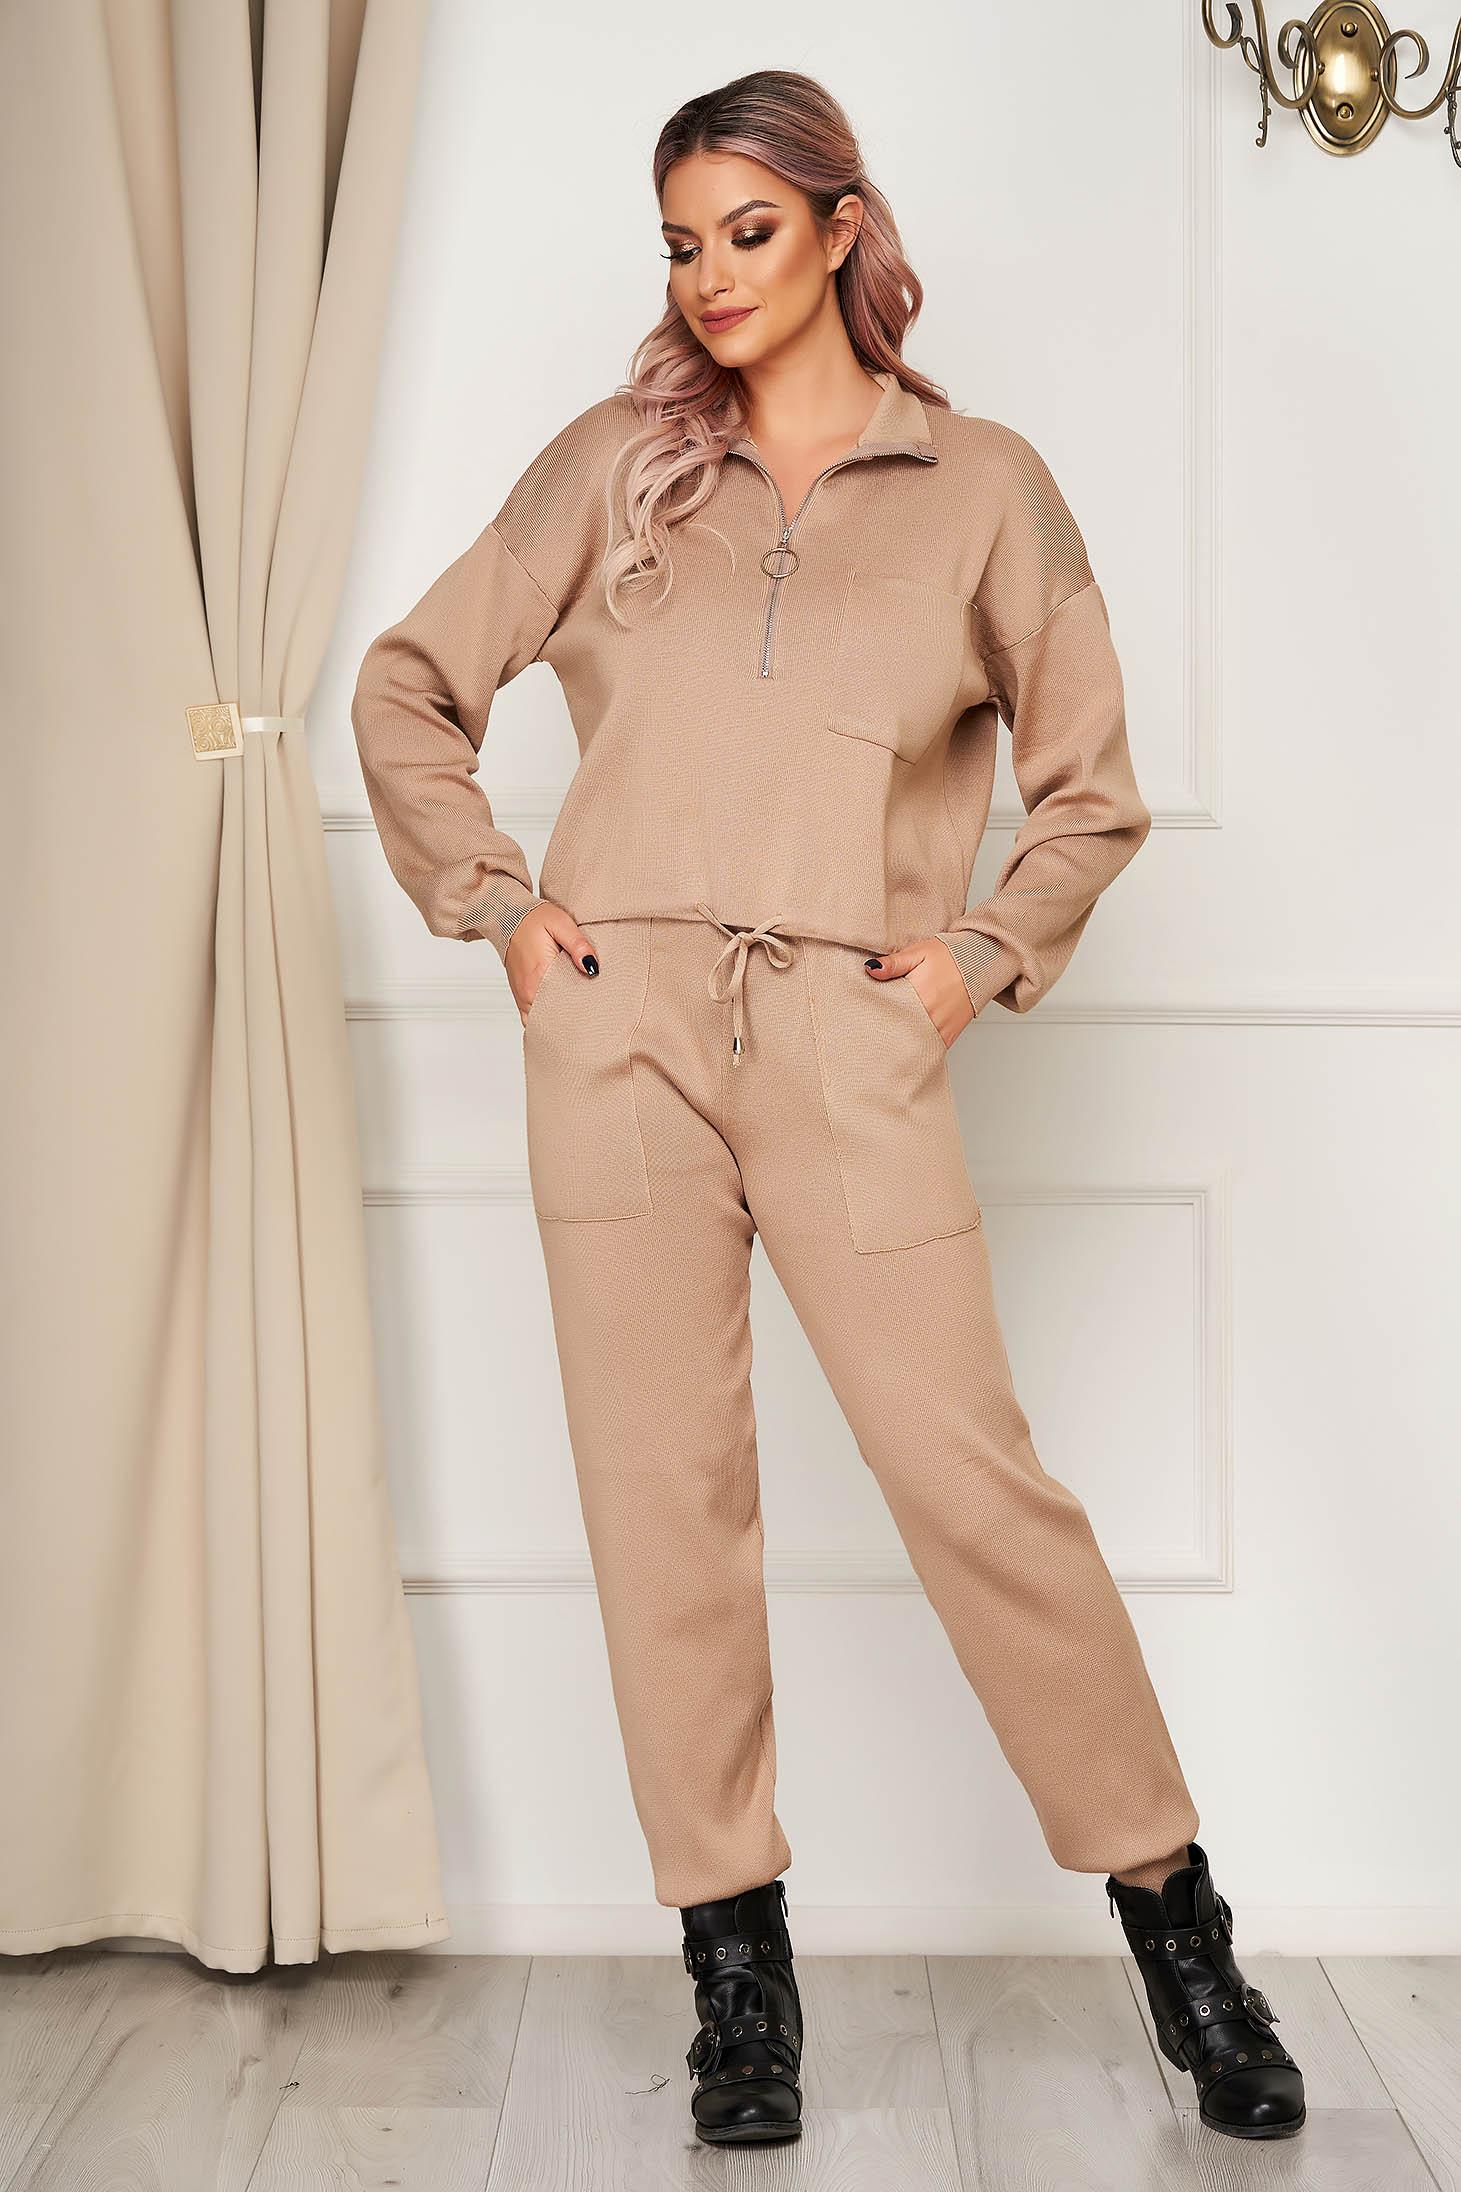 Compleu SunShine crem tricotat casual din 2 piese cu pantaloni cu croi larg cu elastic in talie